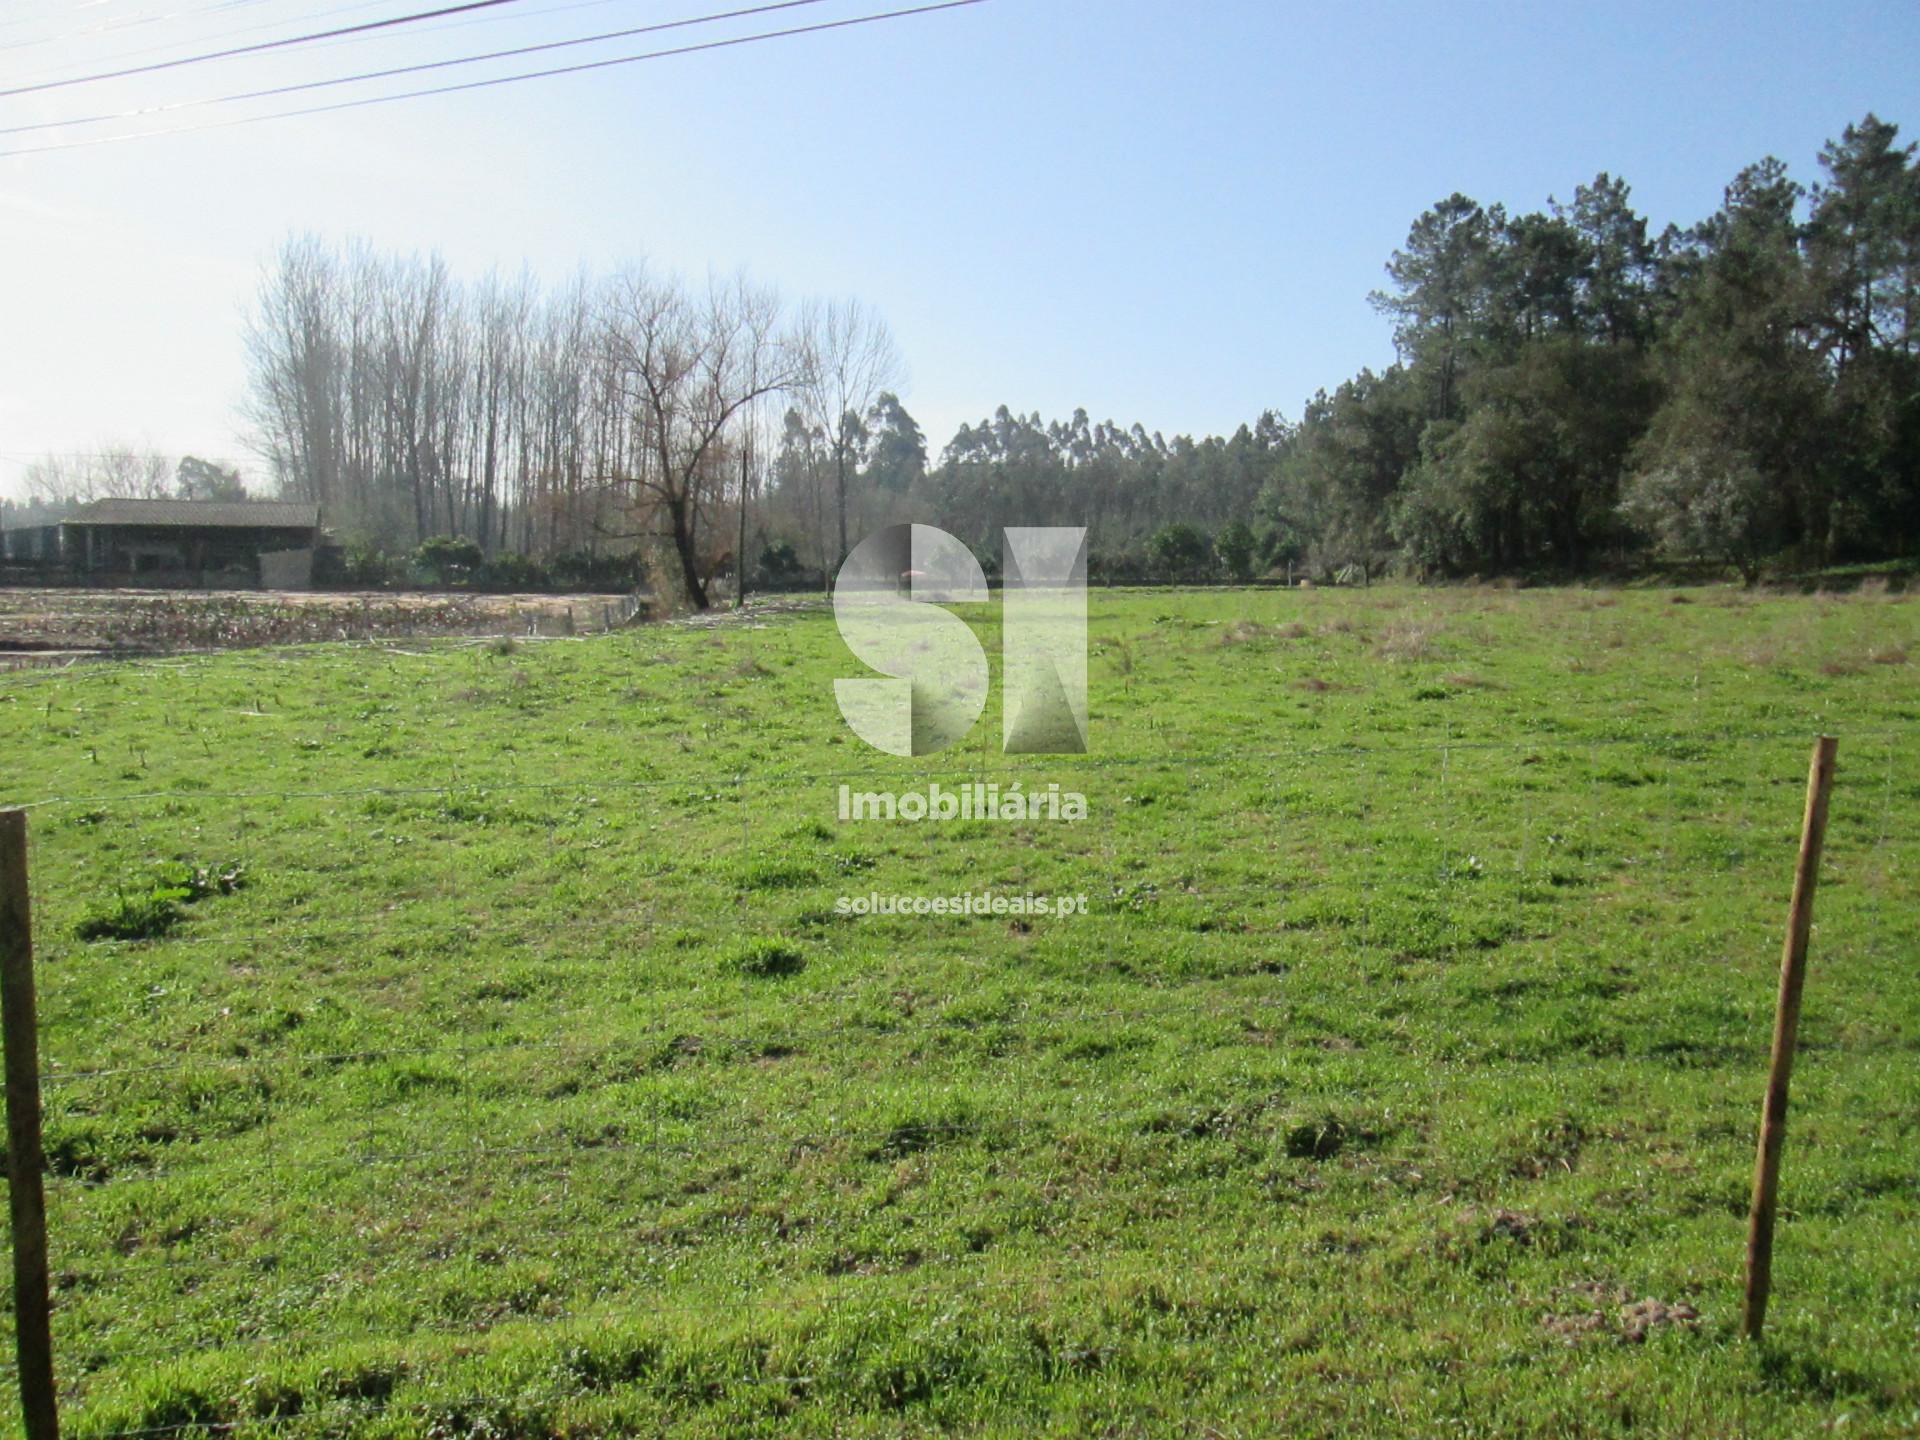 terreno para compra em anadia vilarinho do bairro MEAAM3013